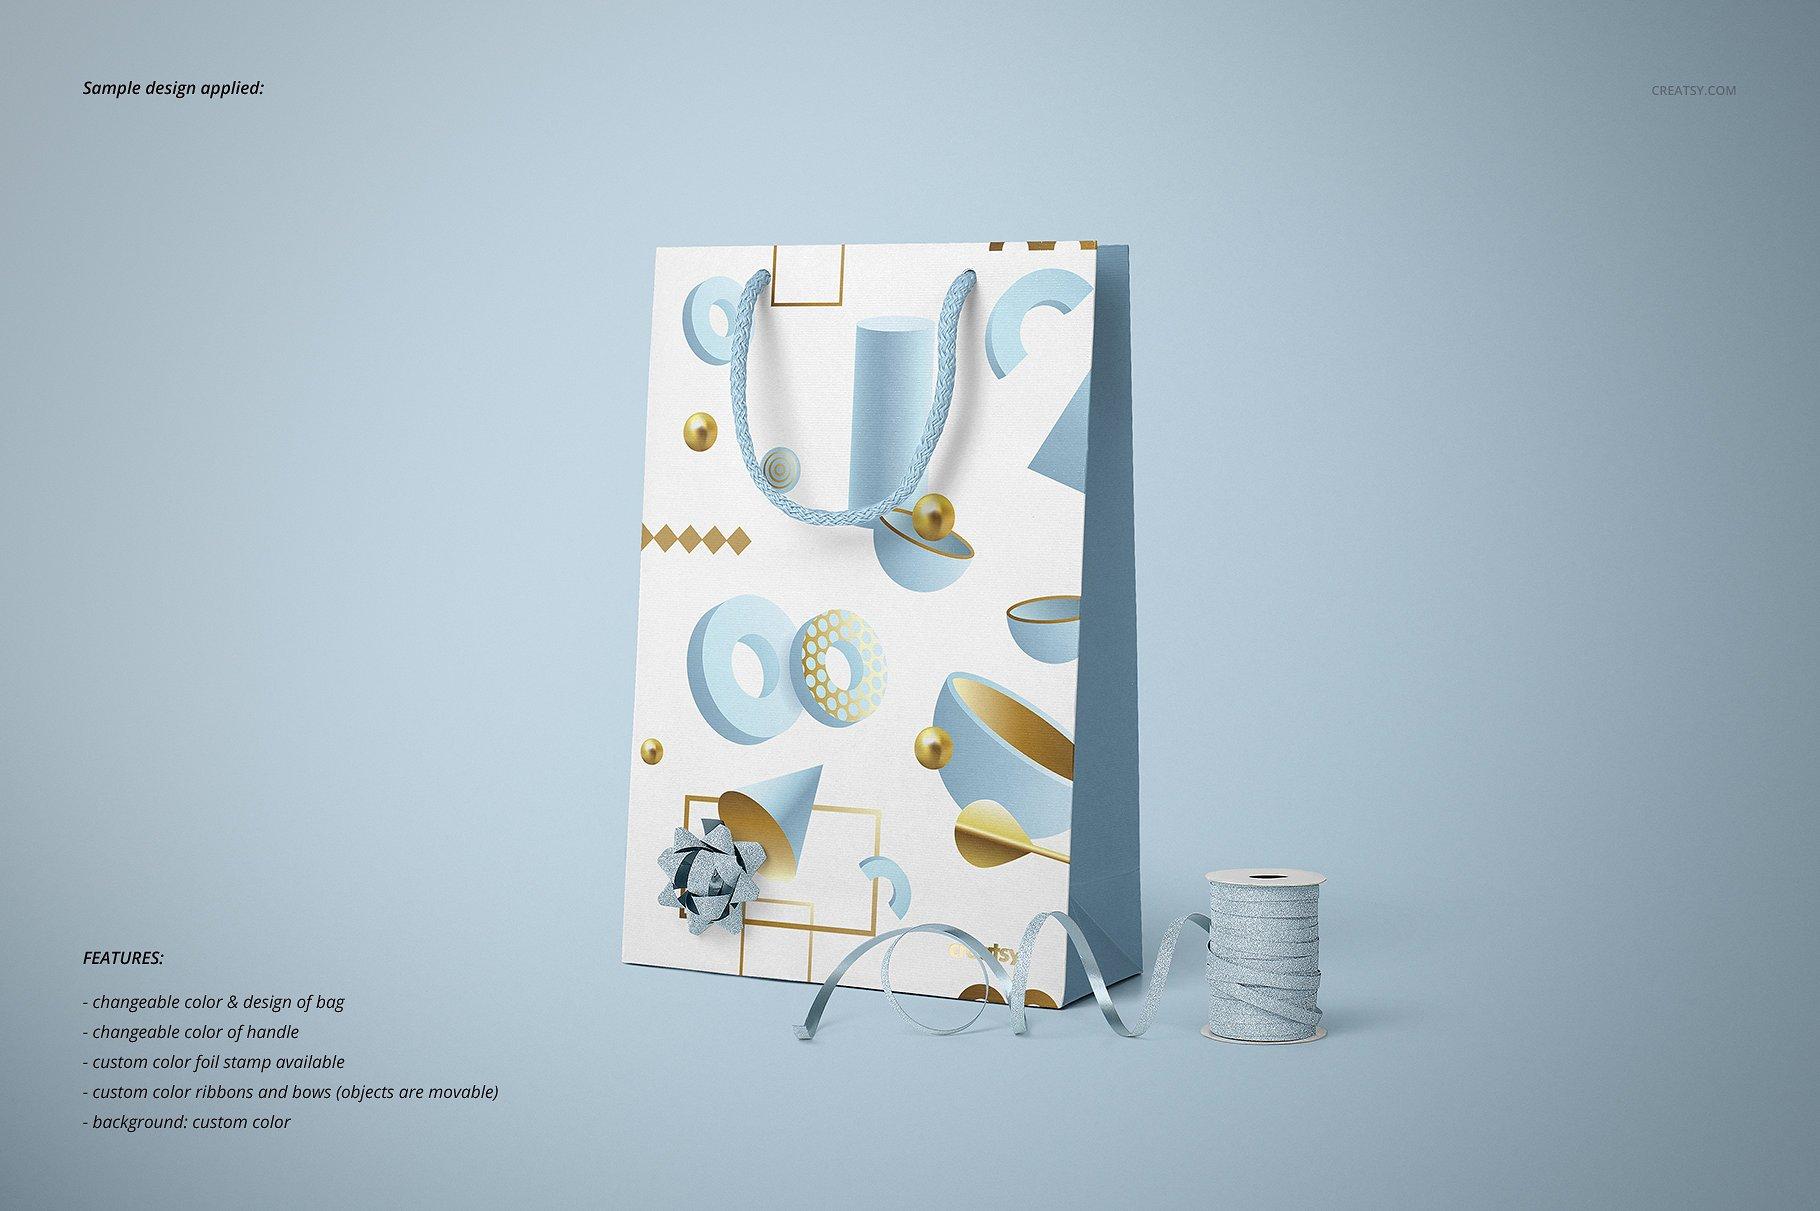 手提袋样机PSD智能贴图模板 Paper Bags Mockup (gifting edition)插图(14)